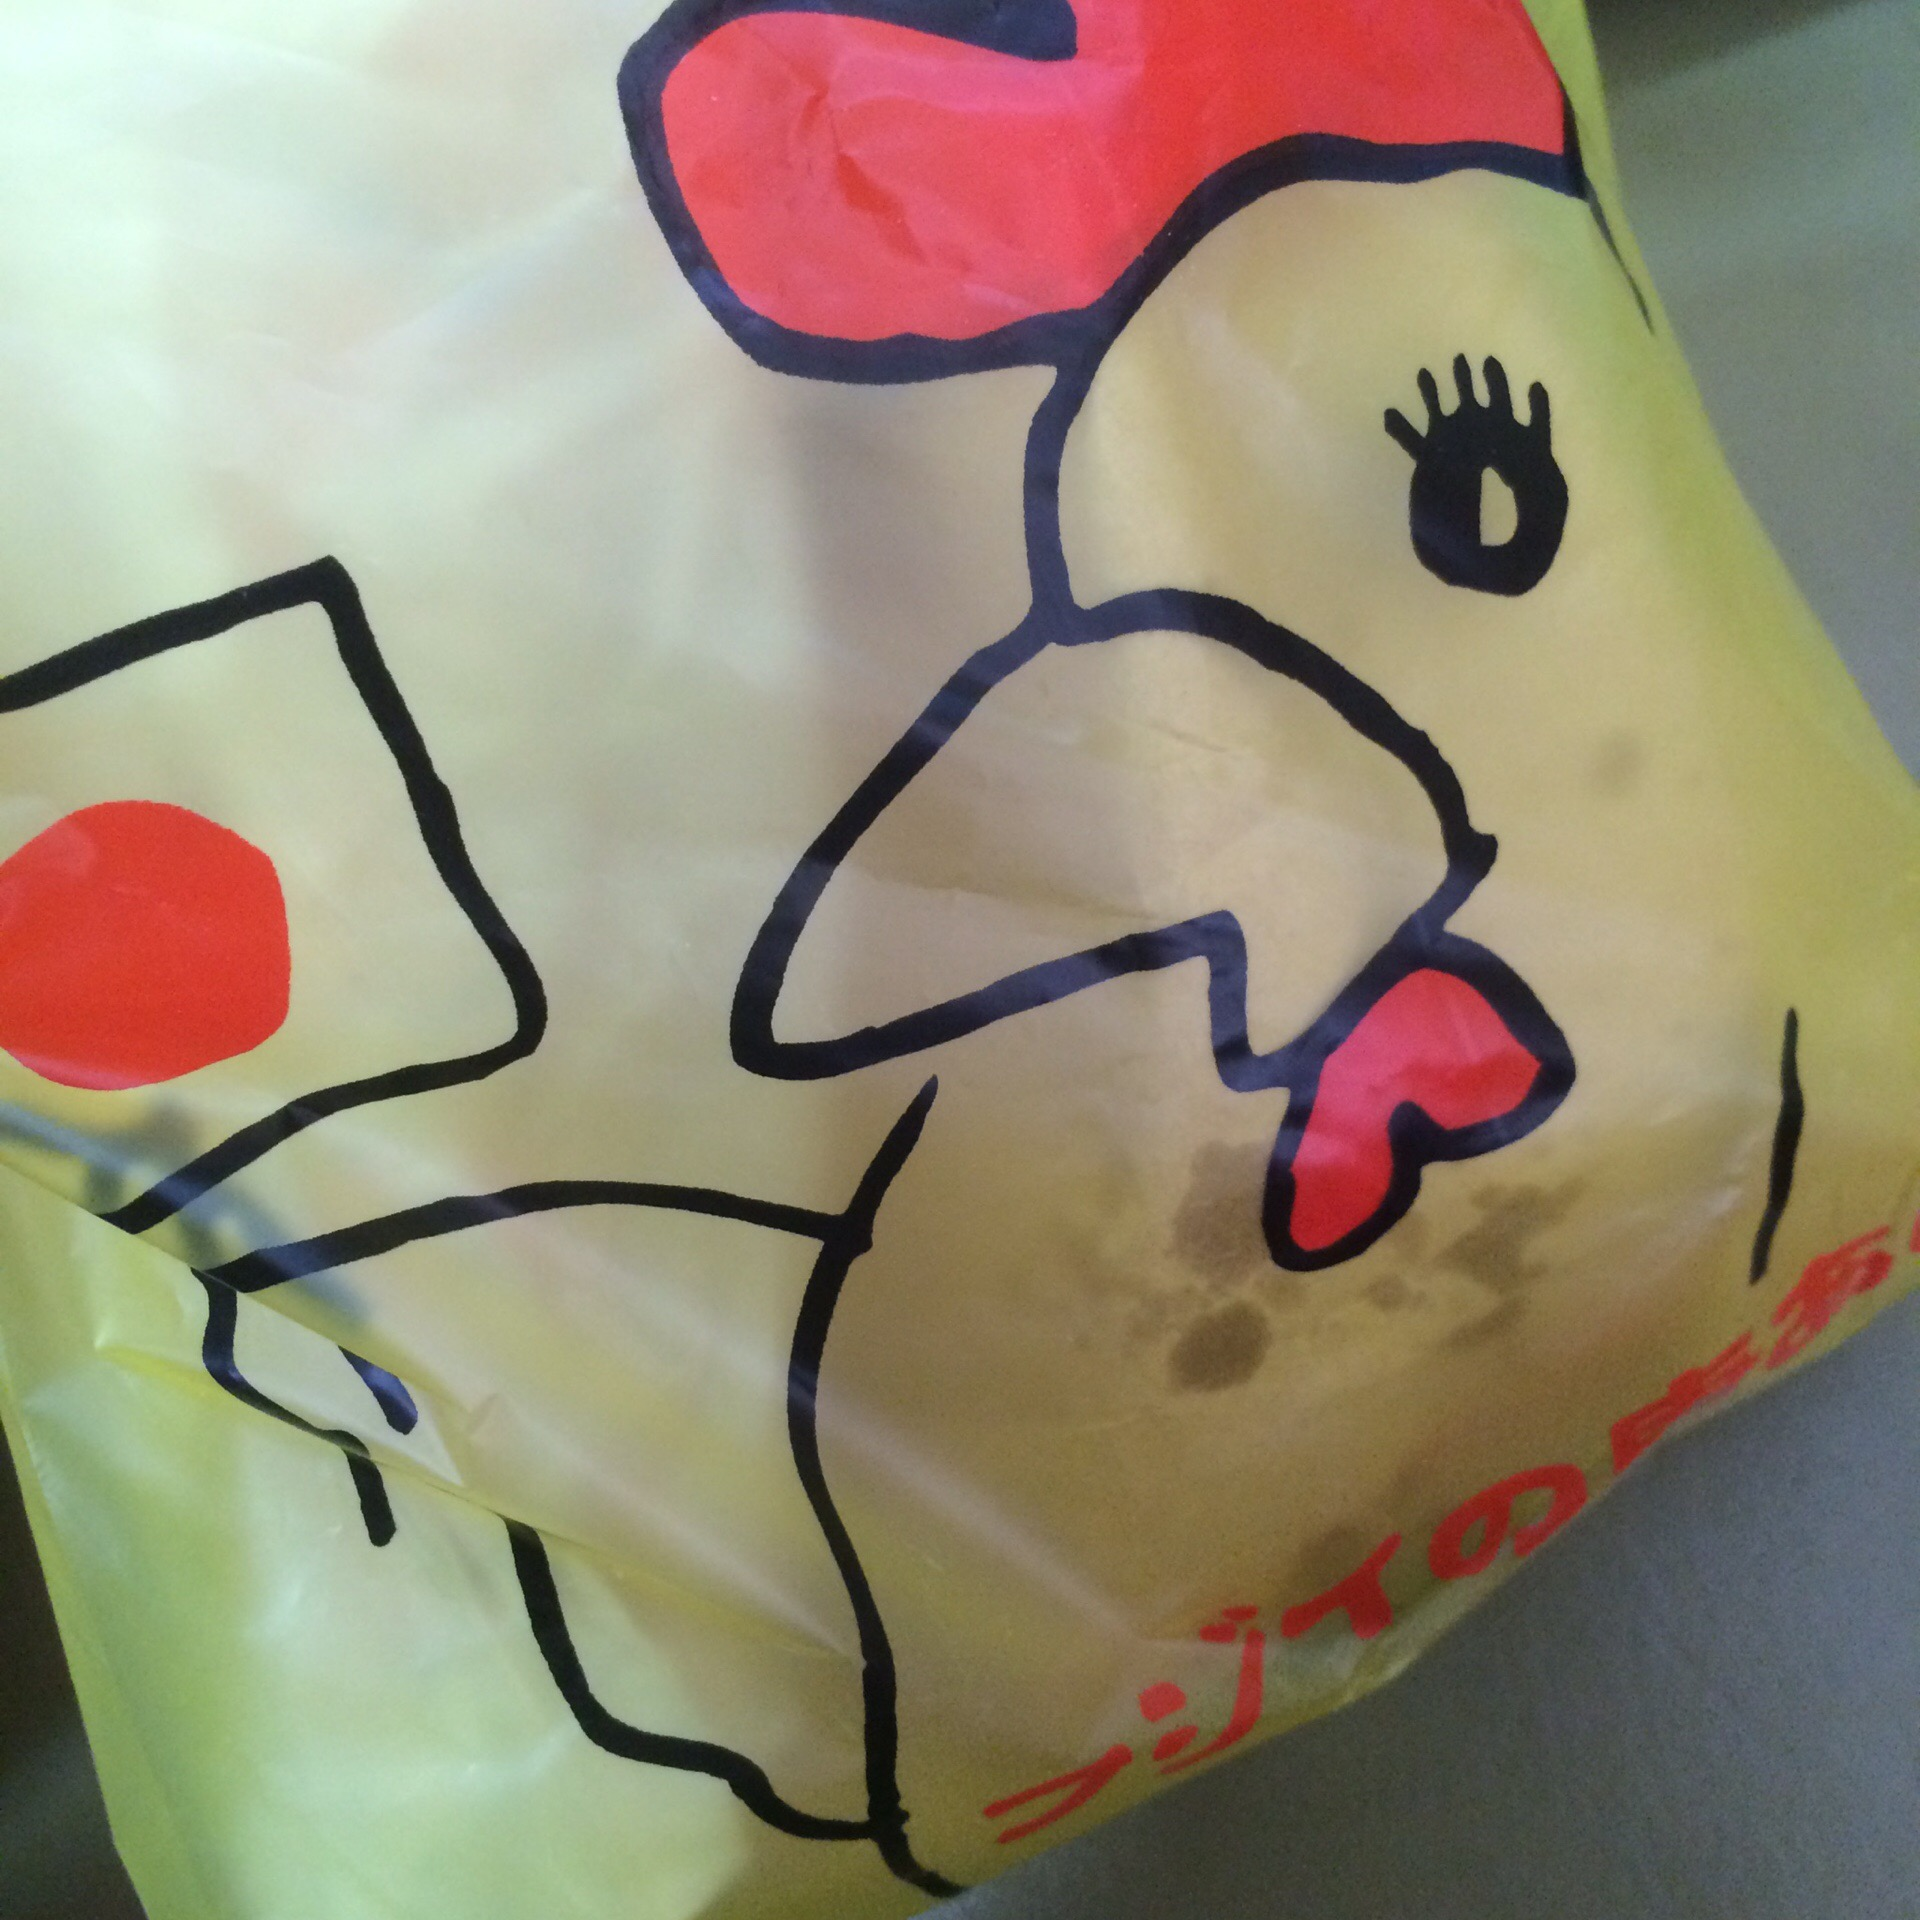 【フジイの唐揚げ】熊本!おかずにピッタリ@メニュー216円100g